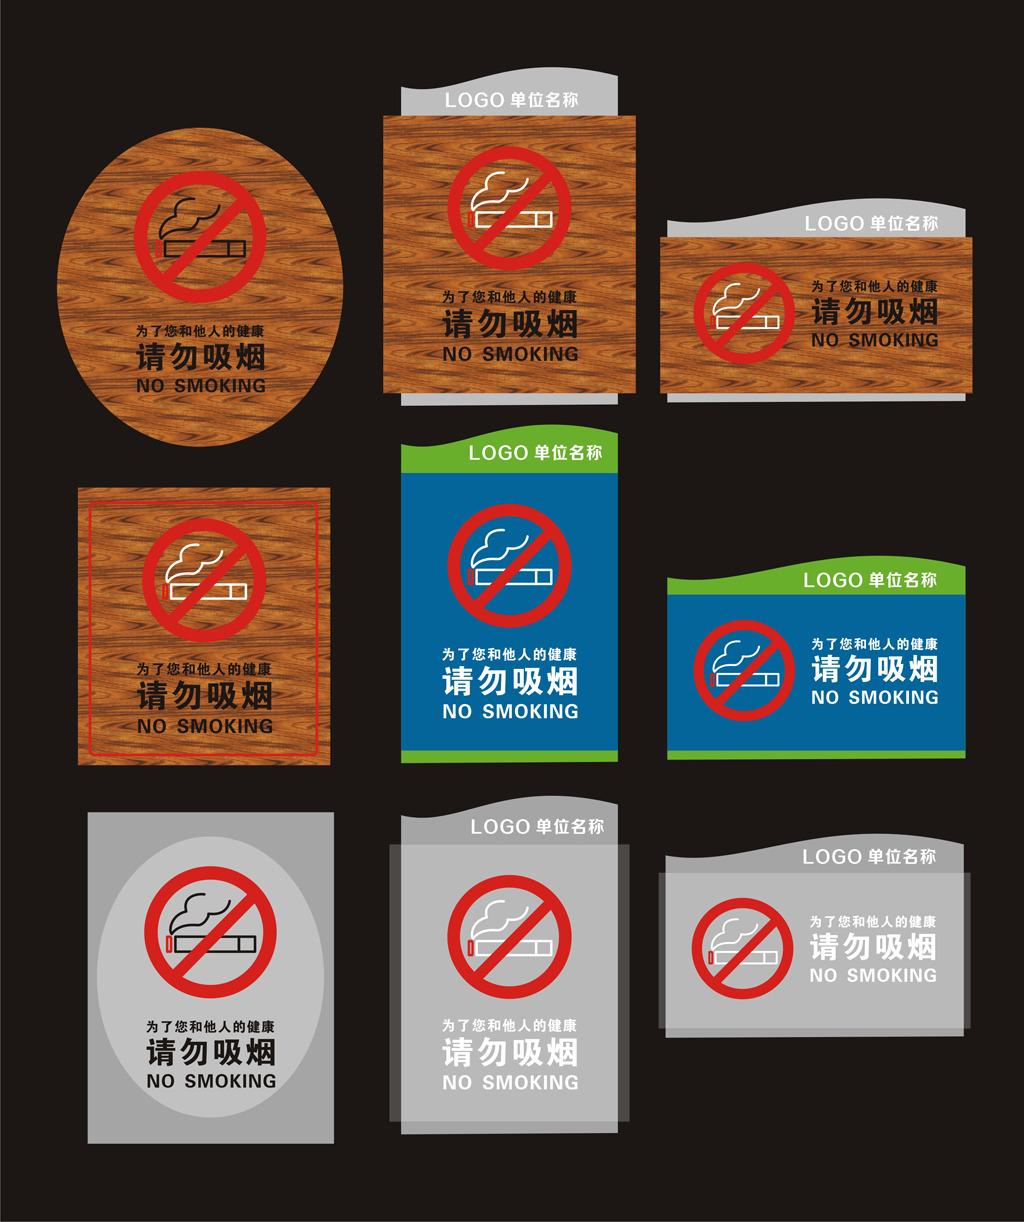 高档精美木纹雕刻禁烟牌透明标识牌